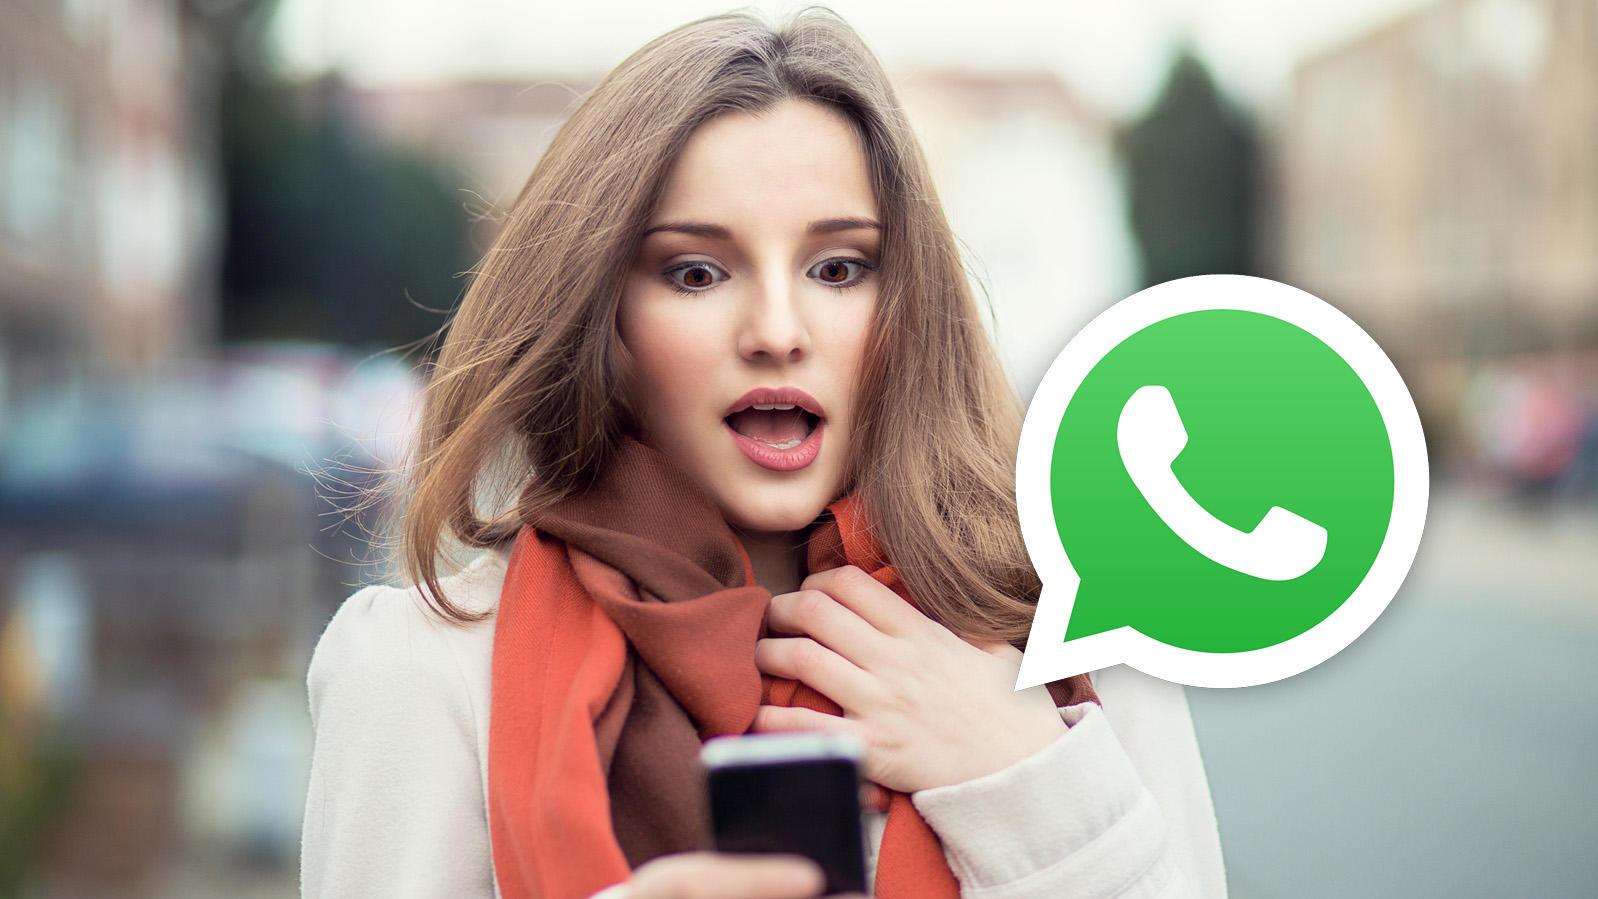 WhatsApp will Nutzer dabei unterstützen, Fake News leichter zu erkennen.